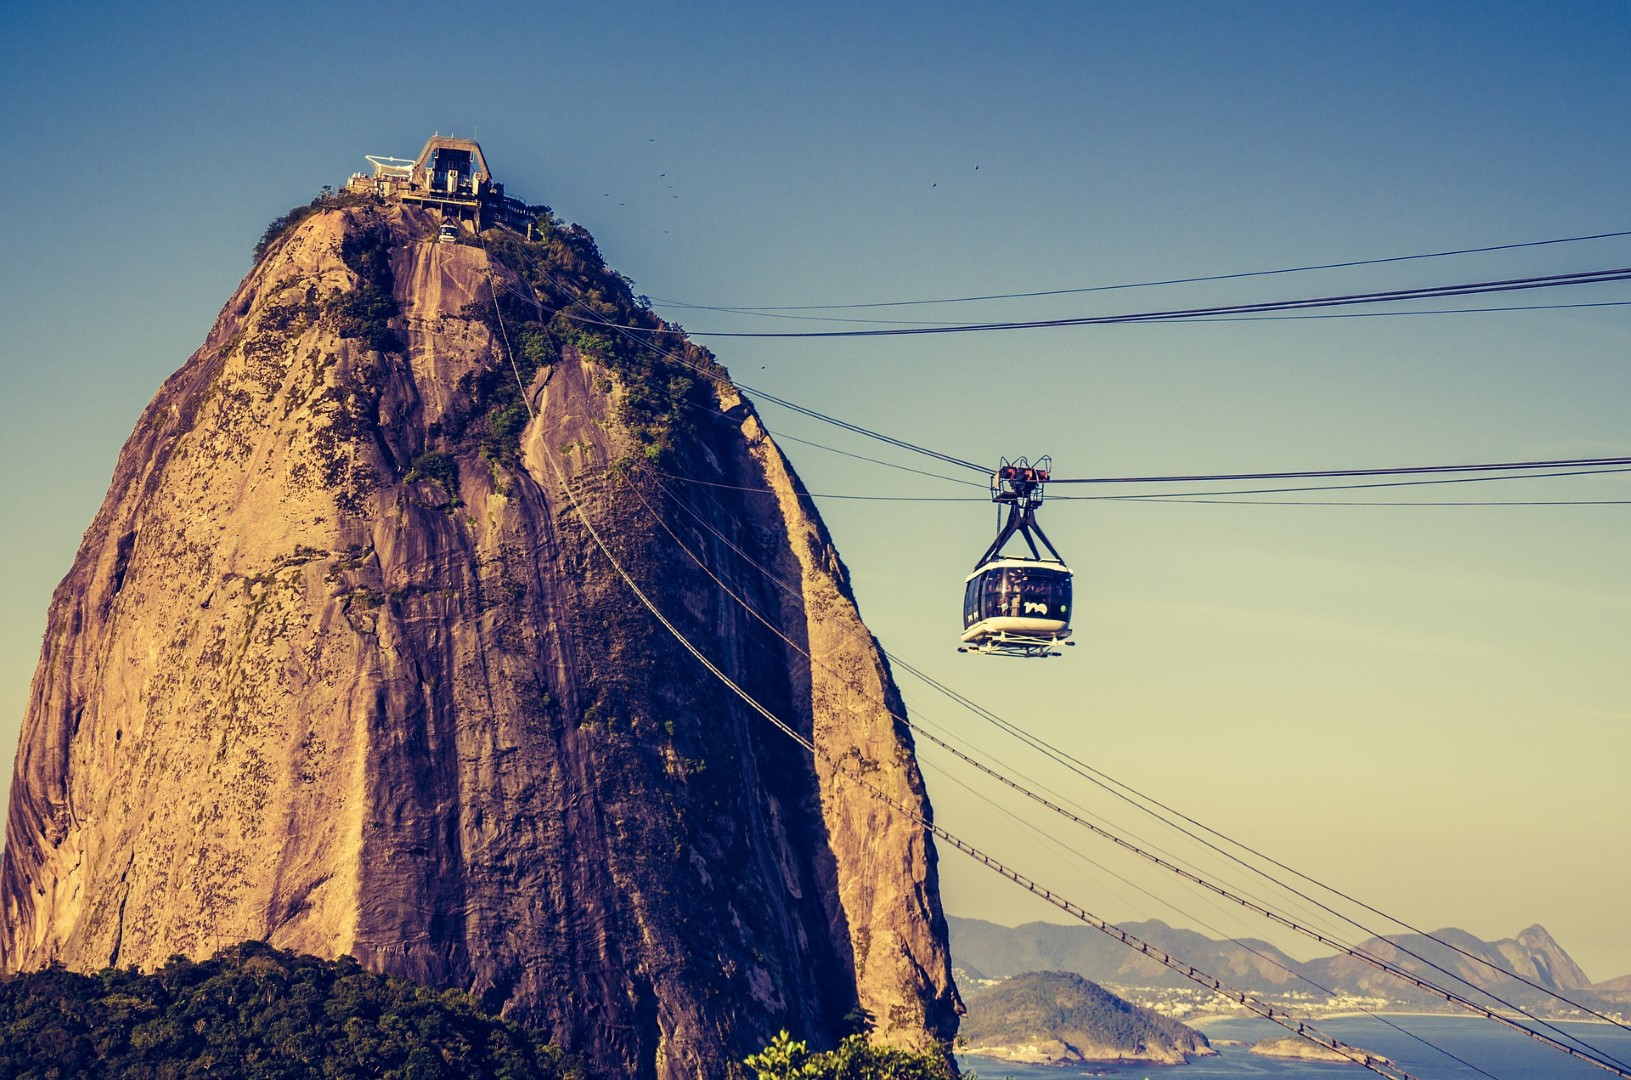 Gerenciamento de Redes Sociais em Engenheiro Leal – Rio de Janeiro – RJ